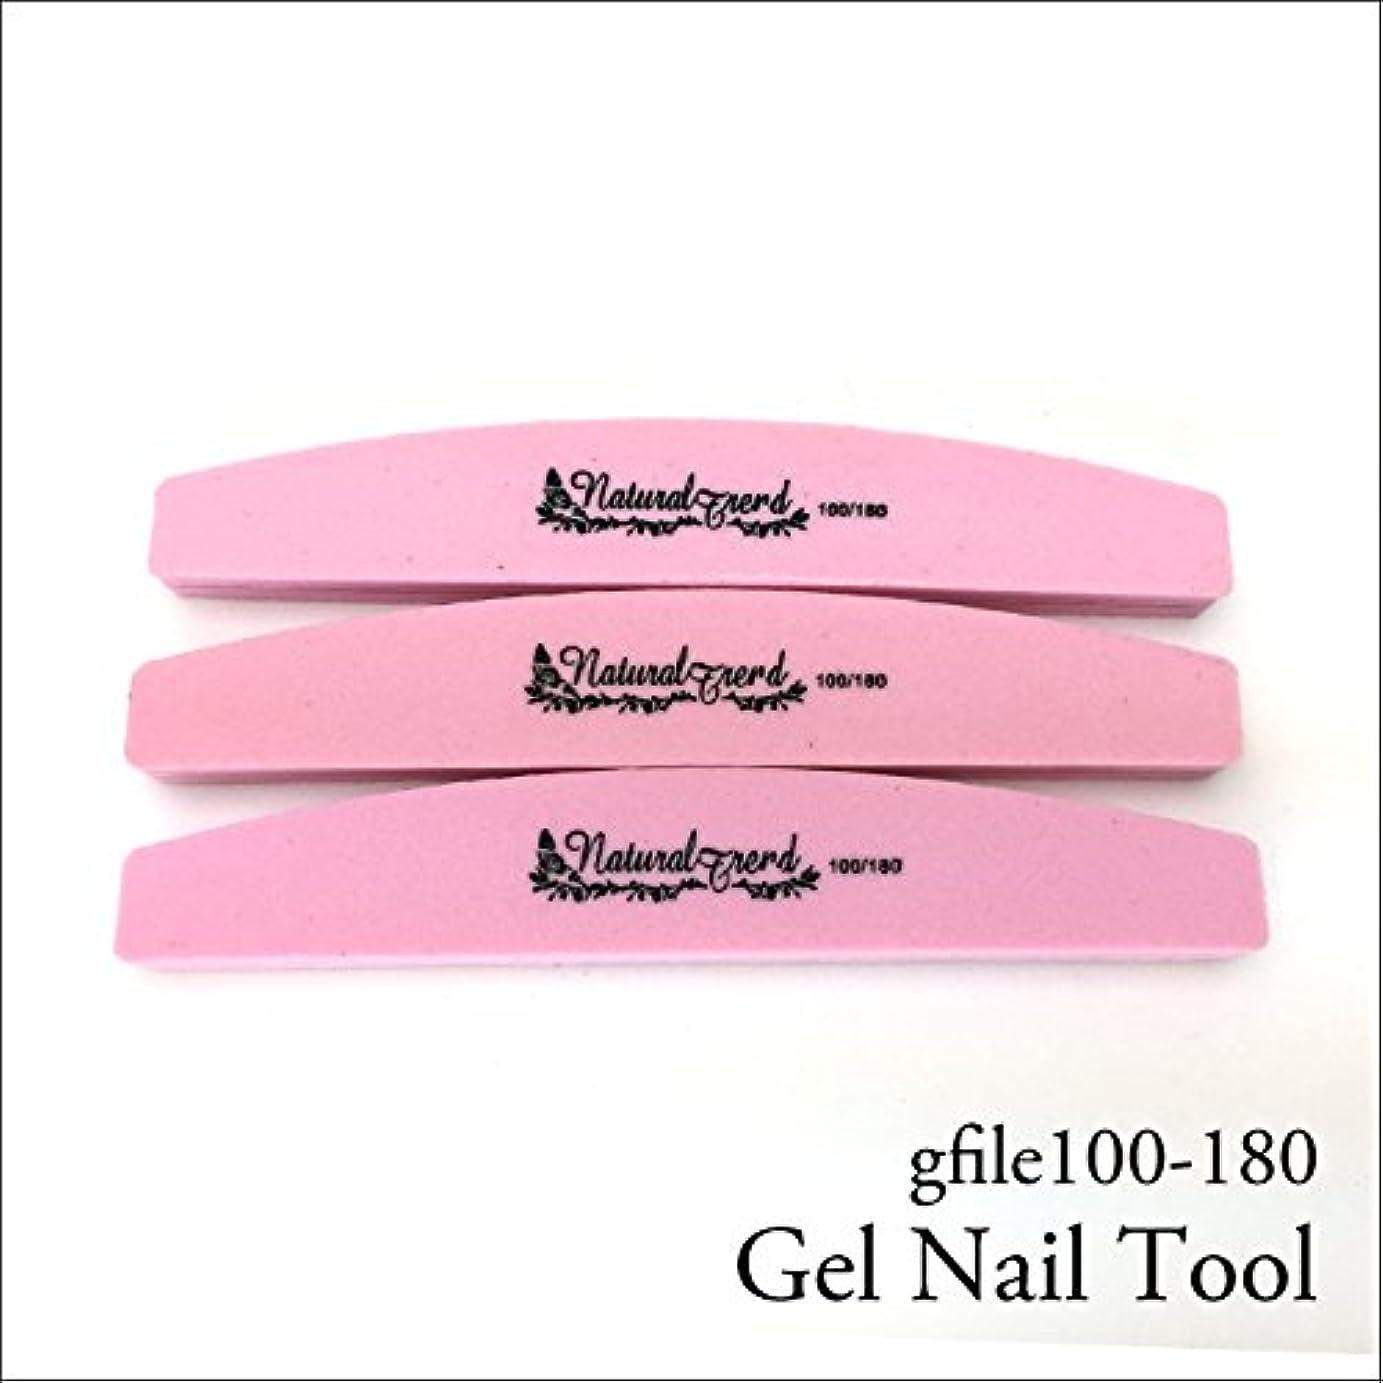 削除するバレル崇拝するNaturalTrend ジェルネイル 爪やすり バッファー ファイル 100-180 3本セット